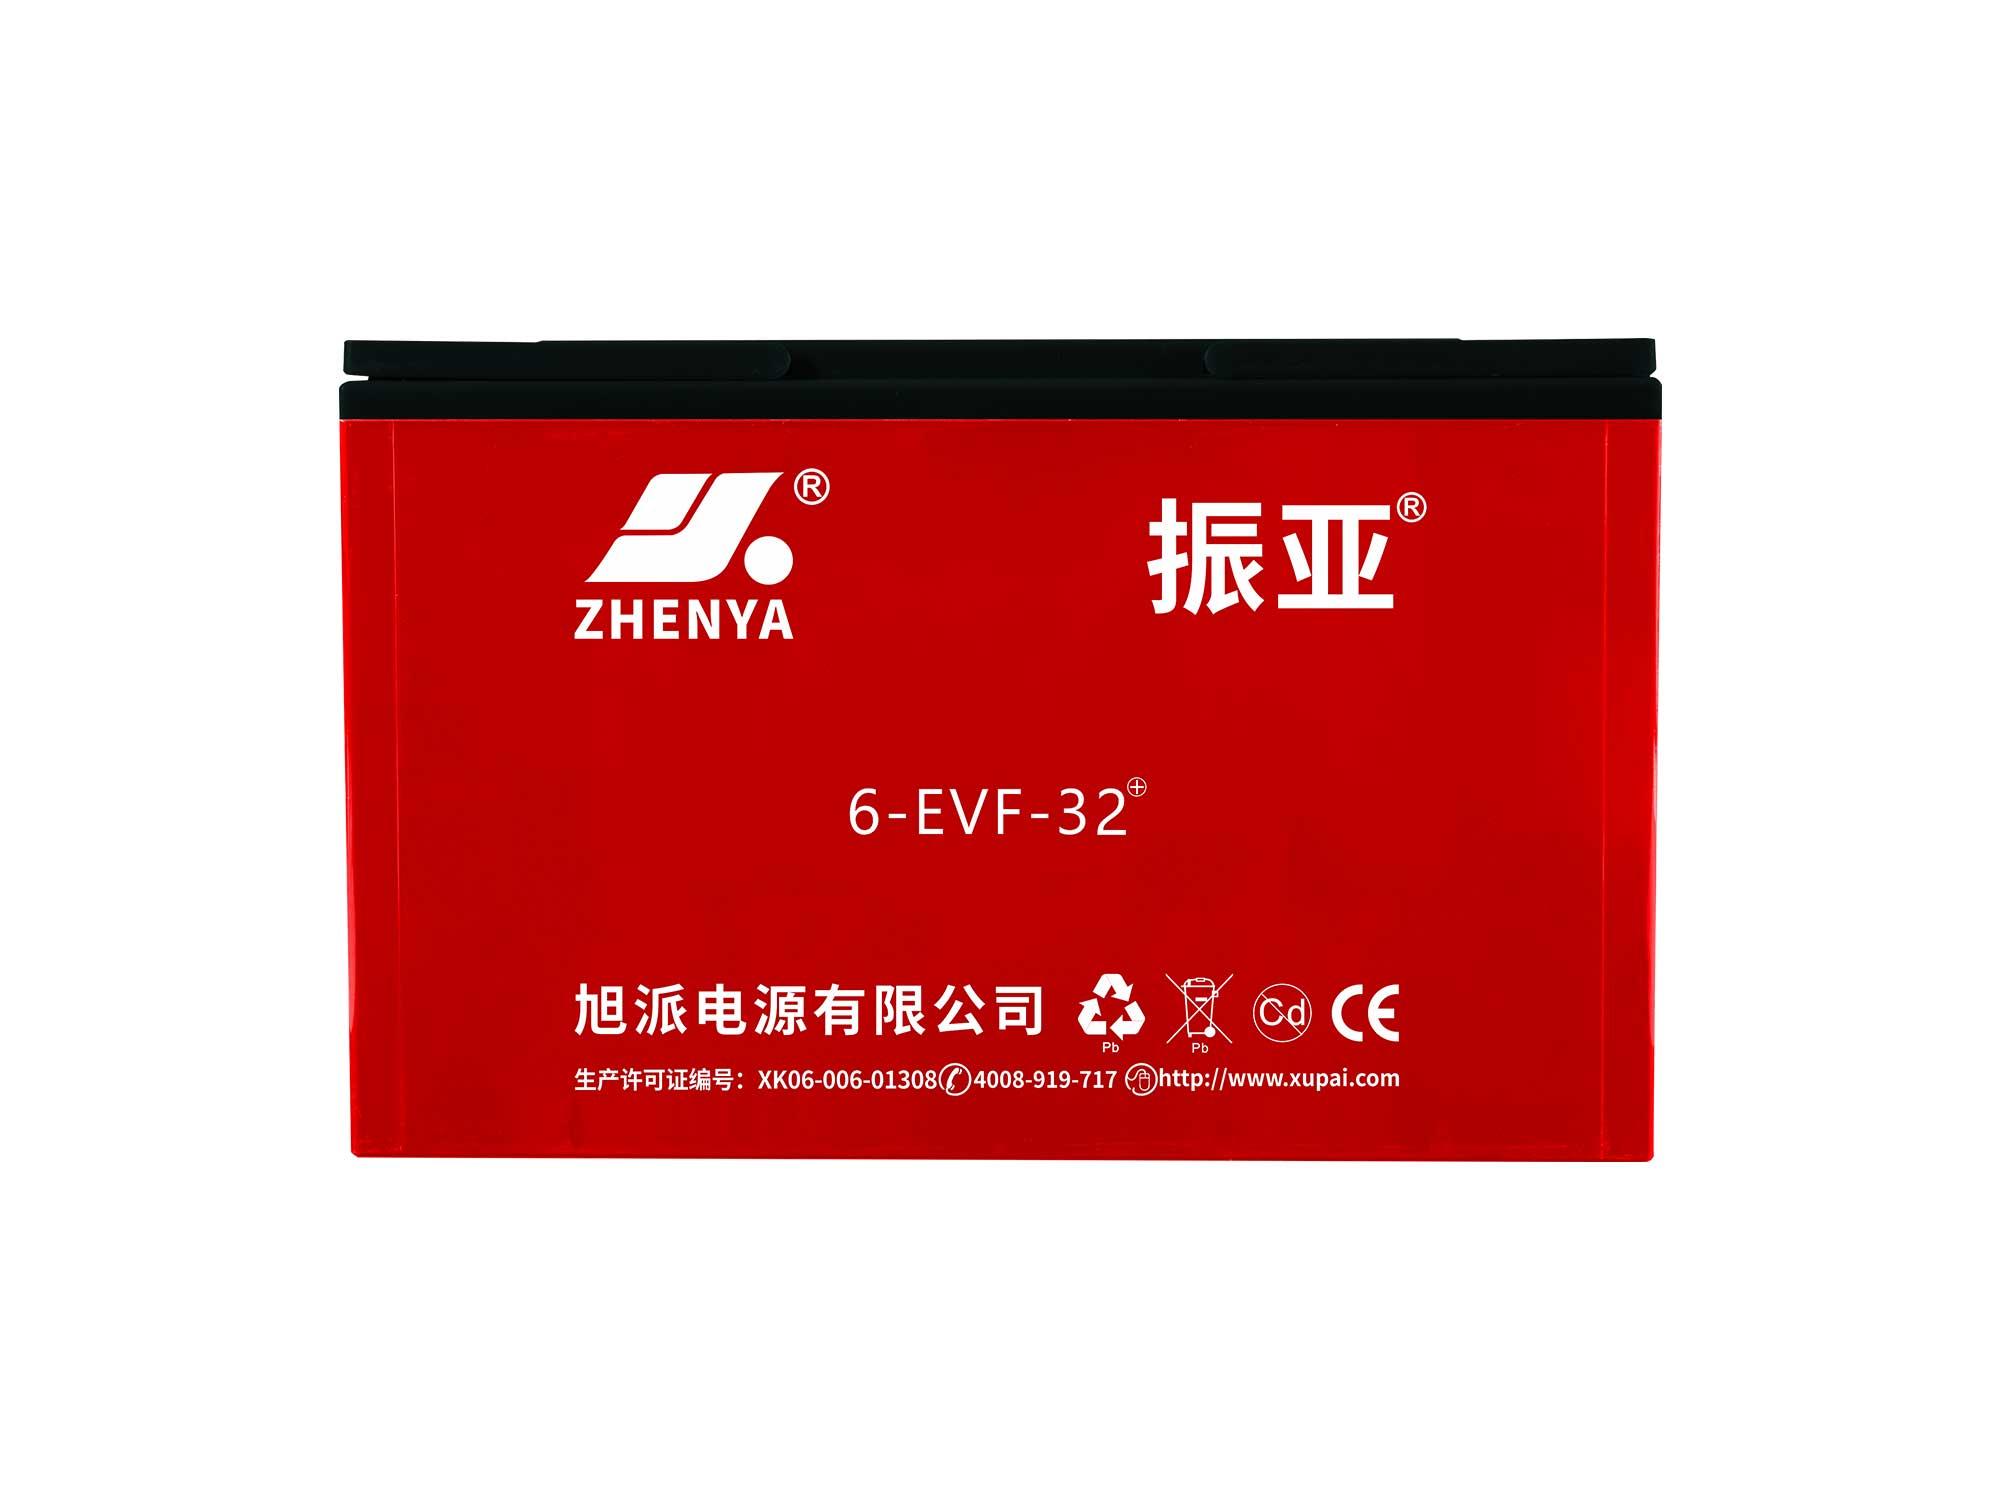 振亞6-EVF-32+電動車電池